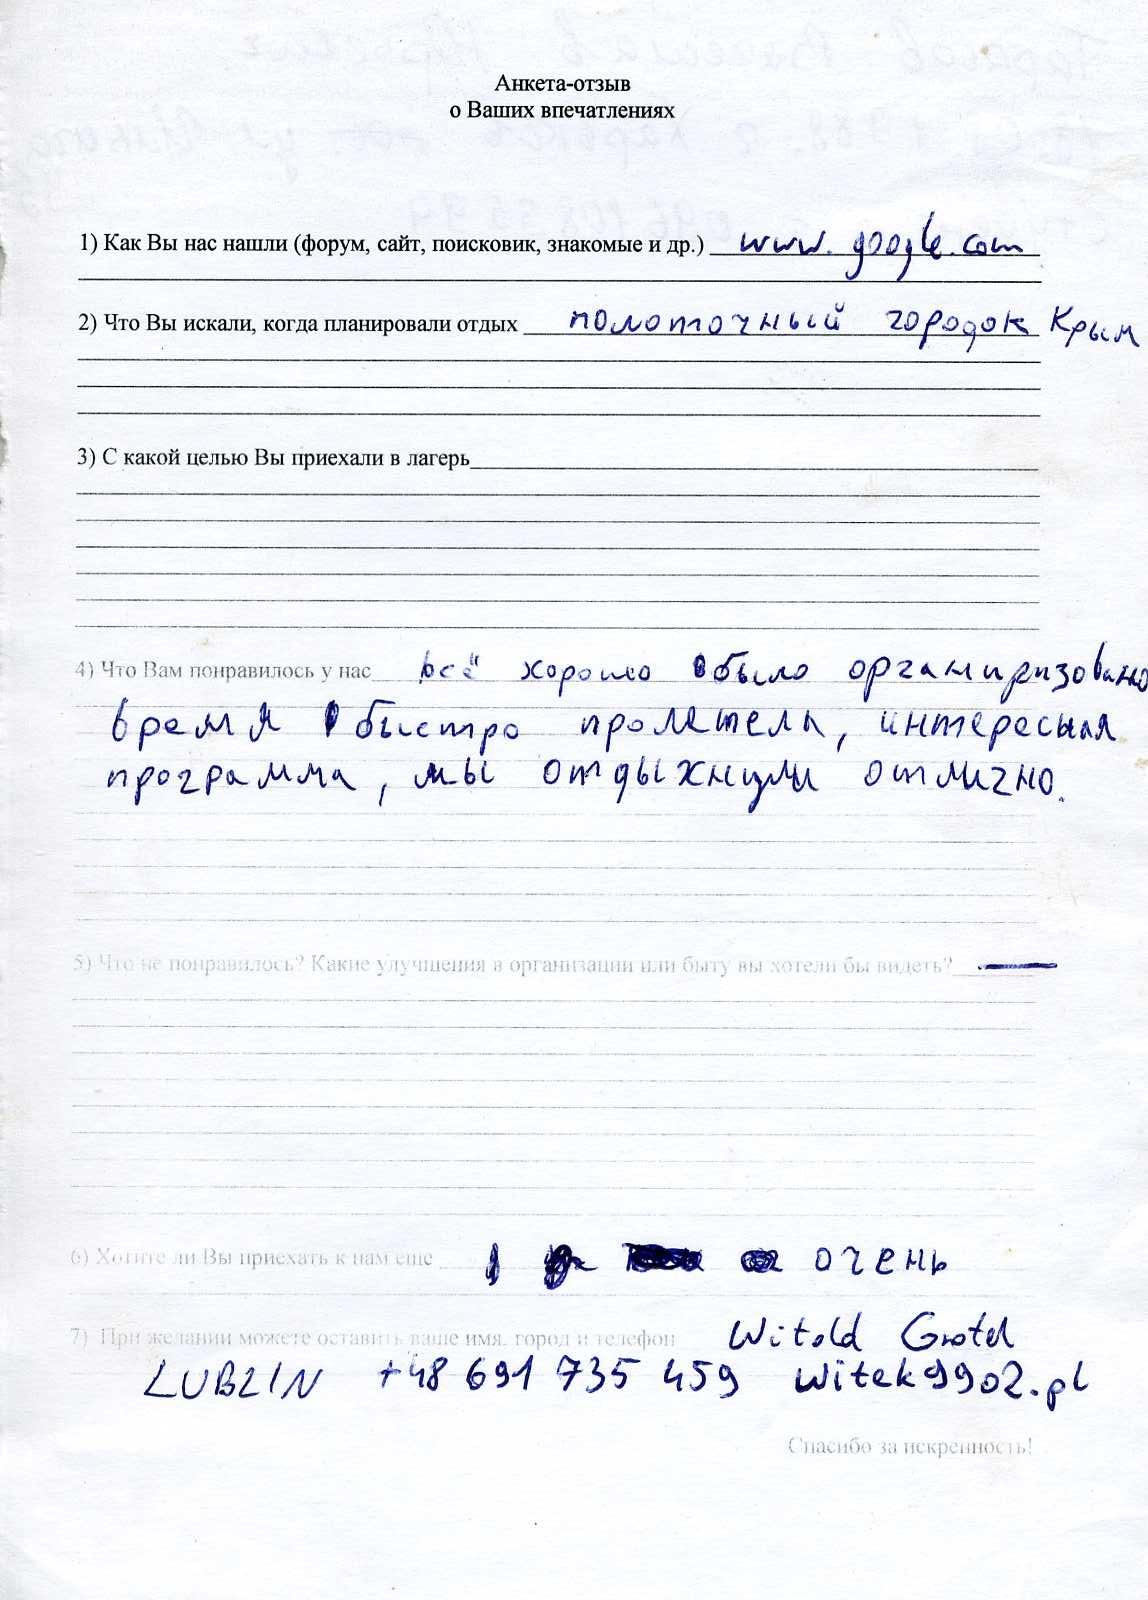 Отзыв об отдыхе в Крыму Витольда, г.Люблин